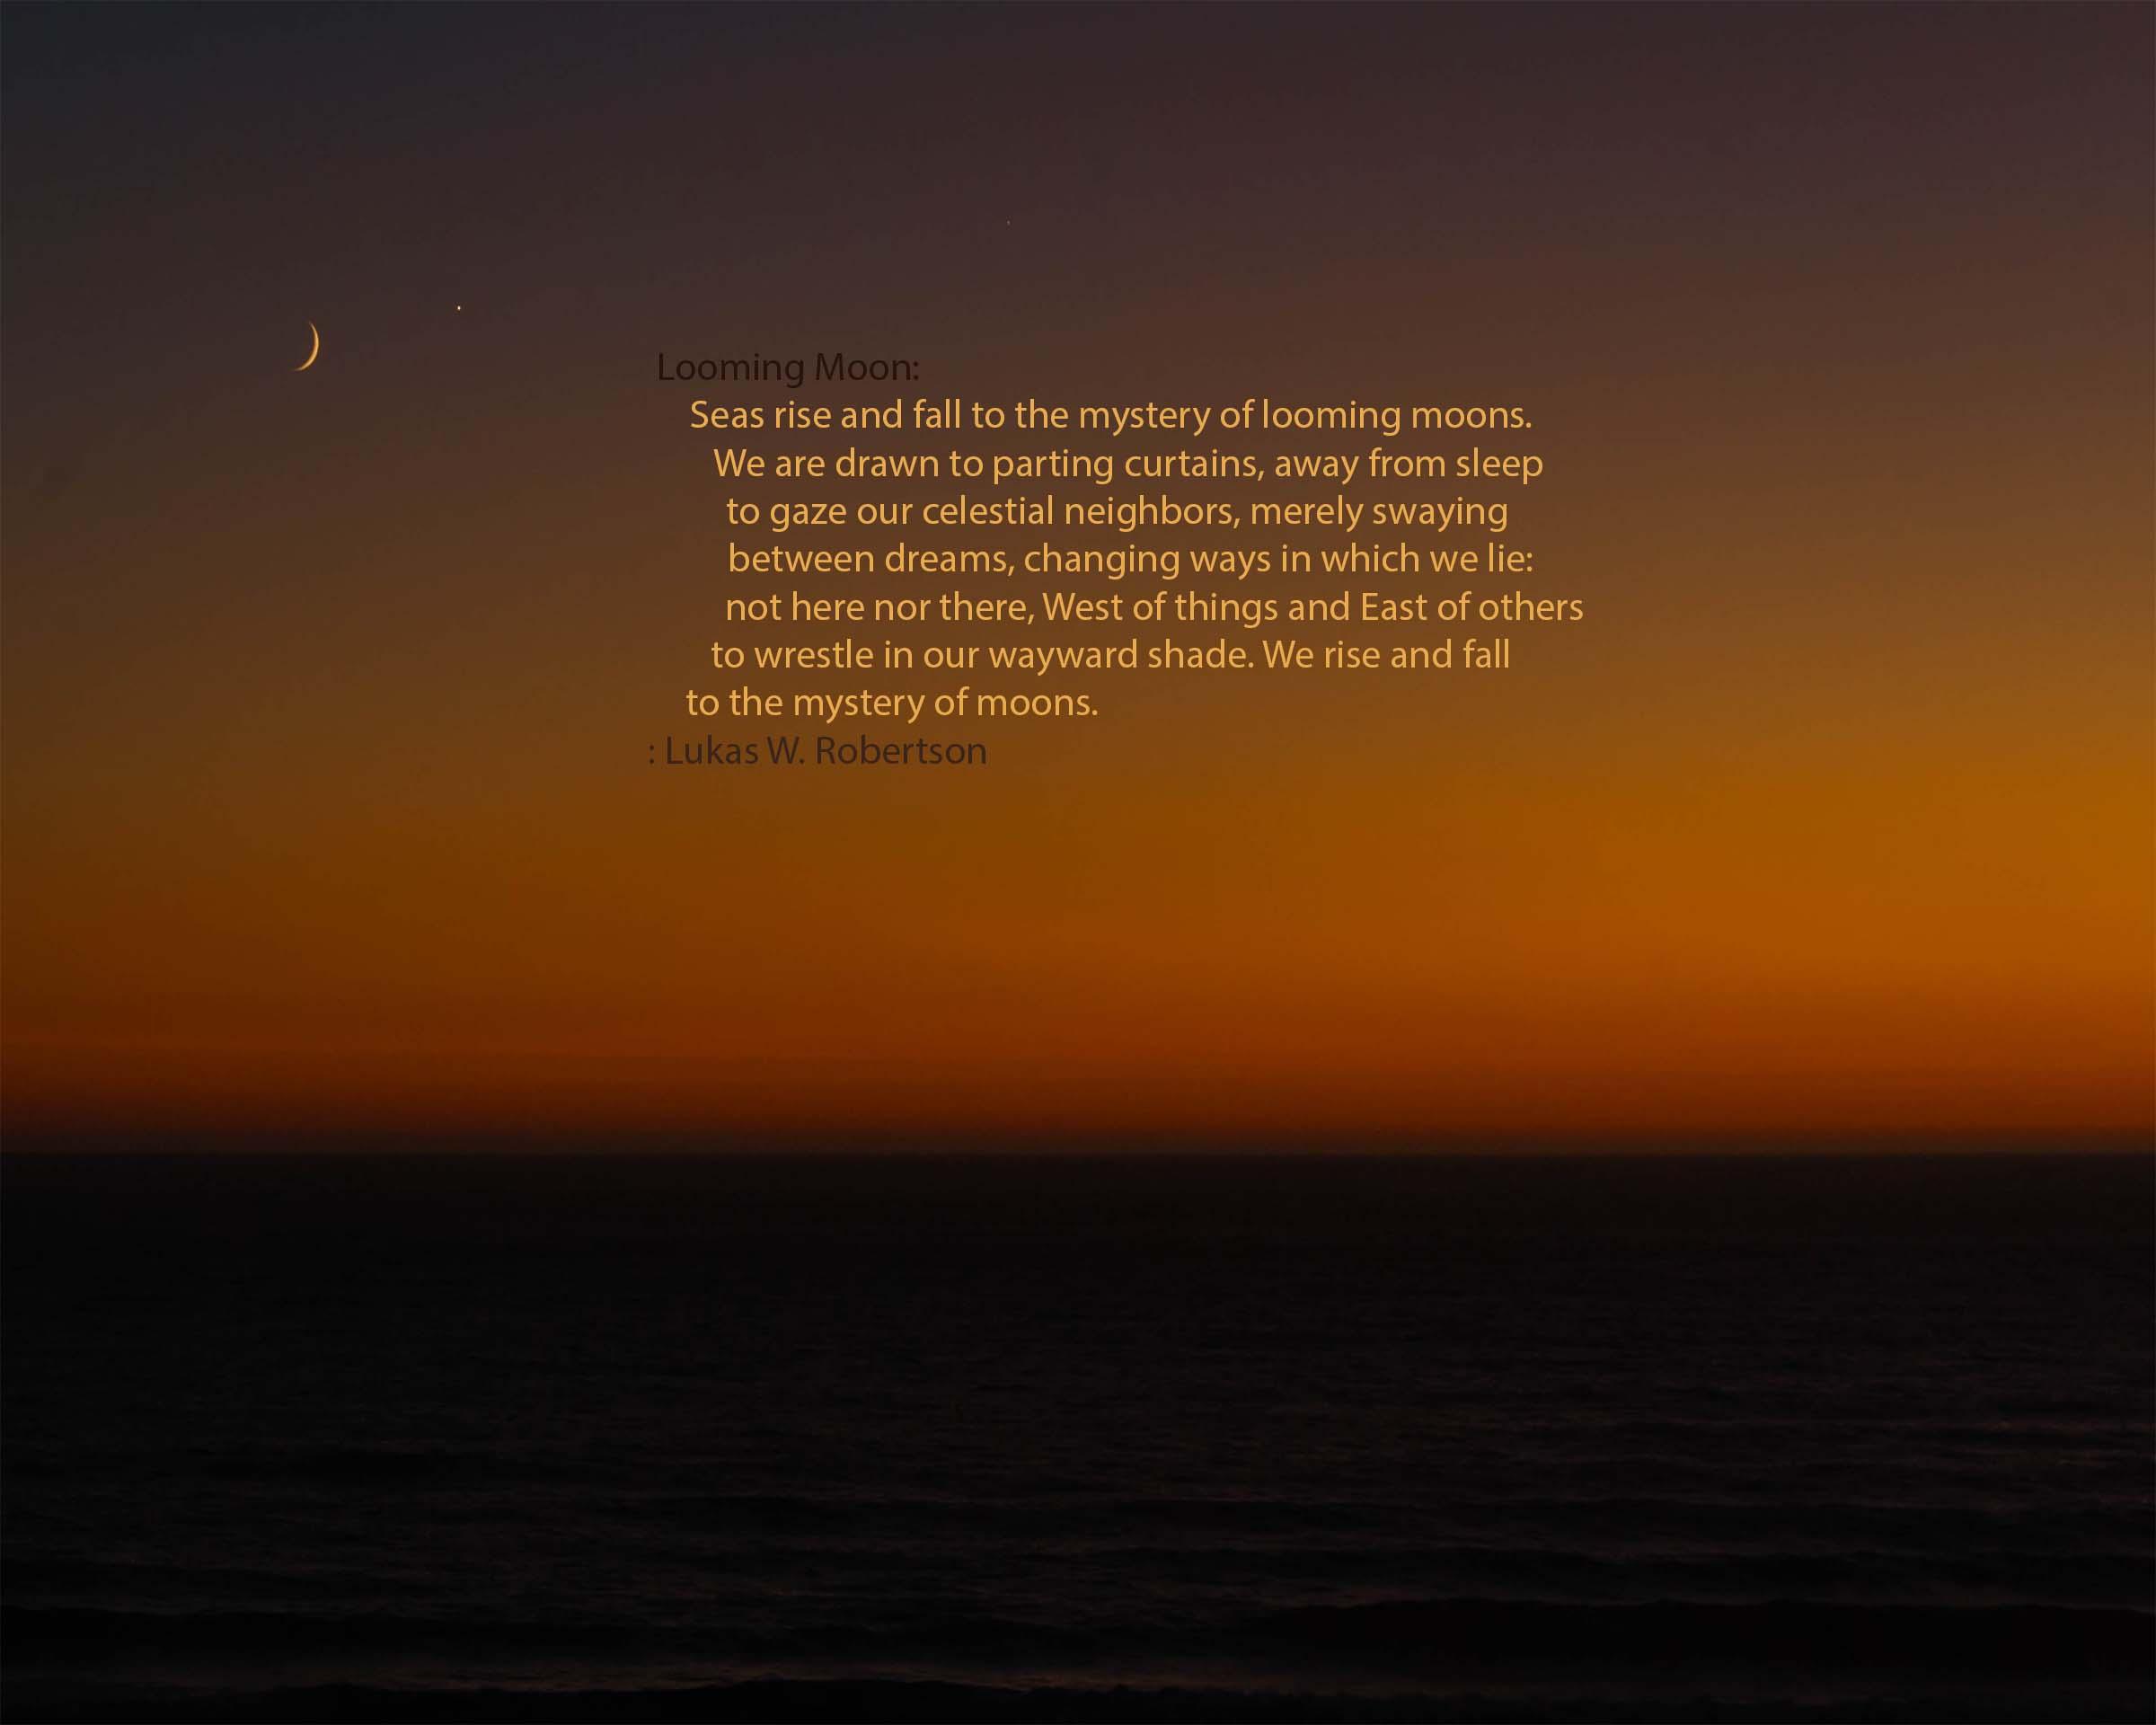 Looming-Moon.jpg